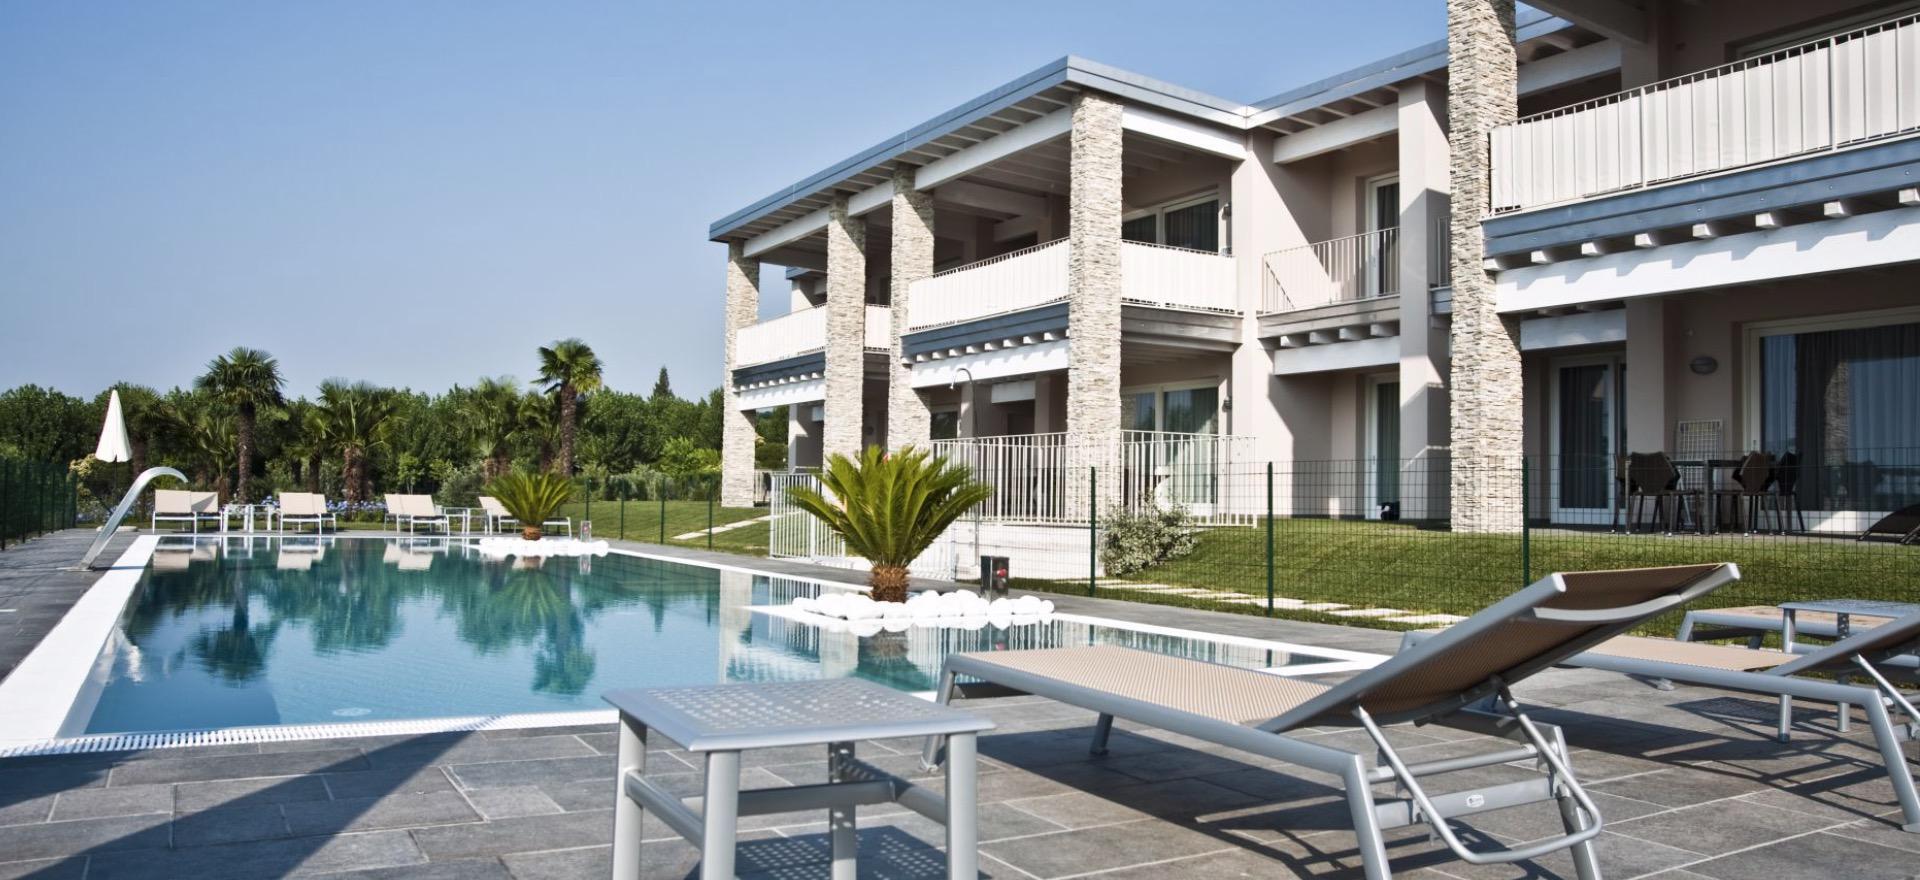 Agriturismo Comomeer en Gardameer Kindvriendelijke residence op loopafstand van het Gardameer